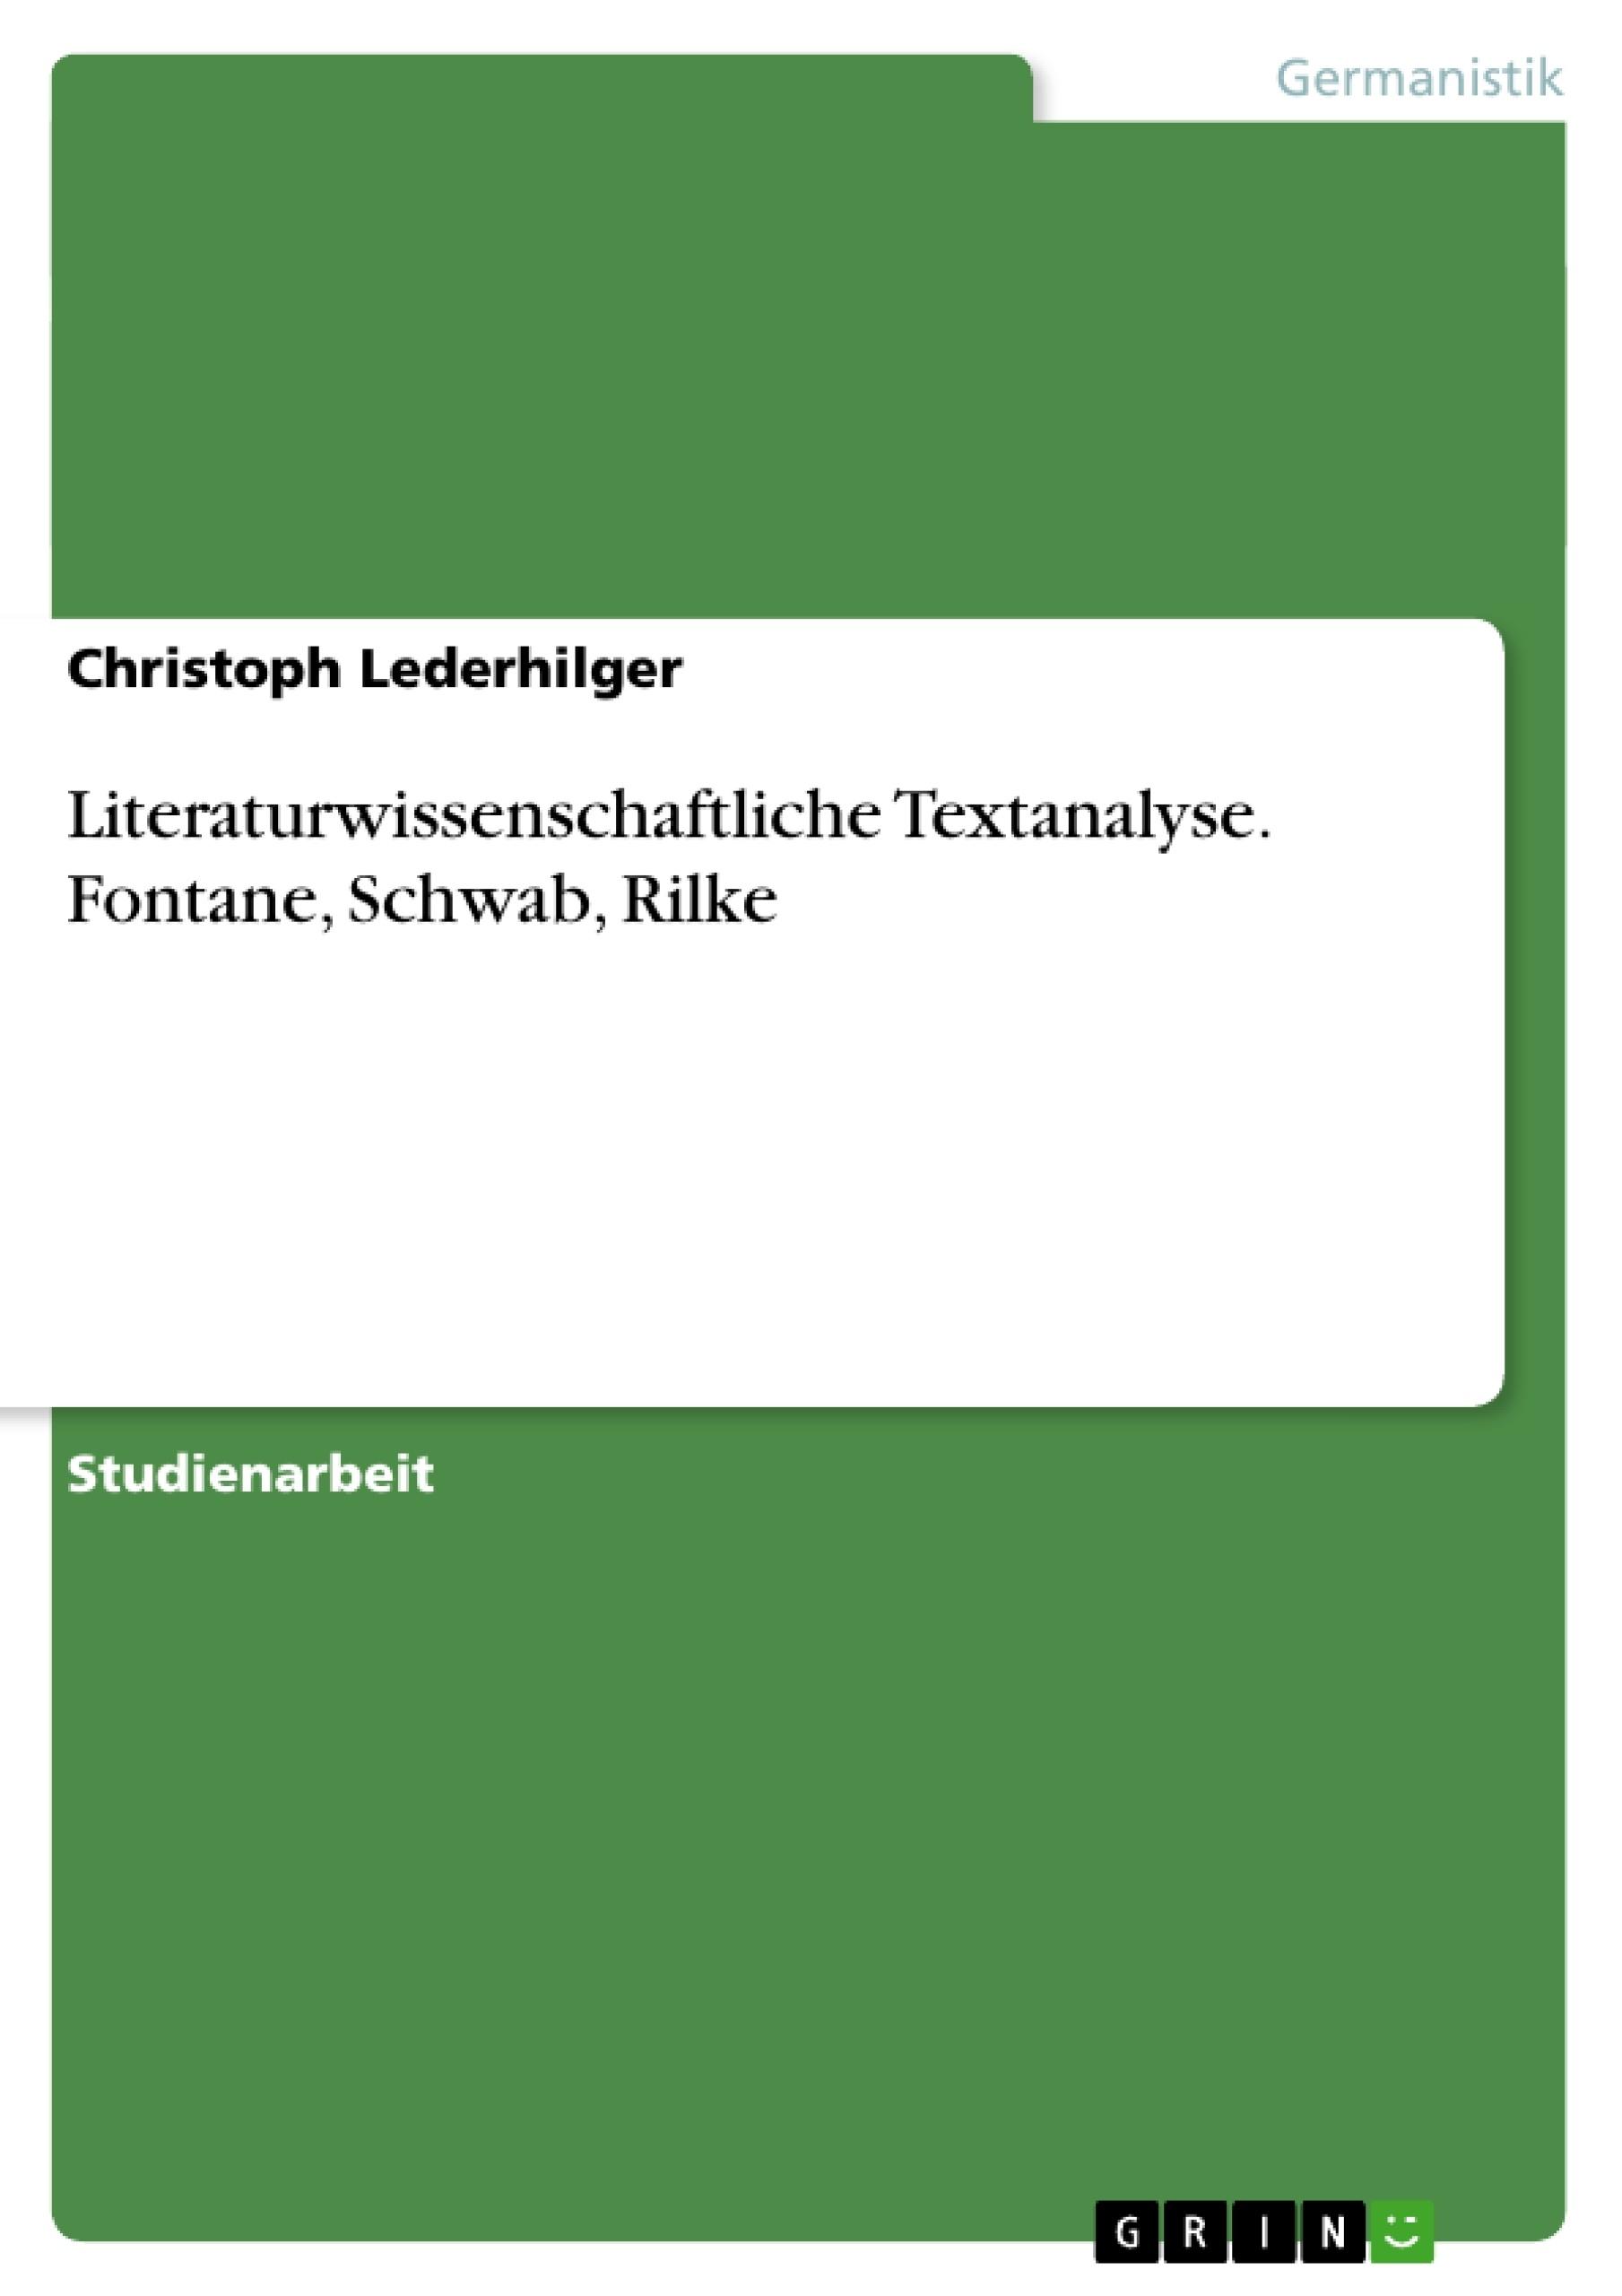 Titel: Literaturwissenschaftliche Textanalyse. Fontane, Schwab, Rilke